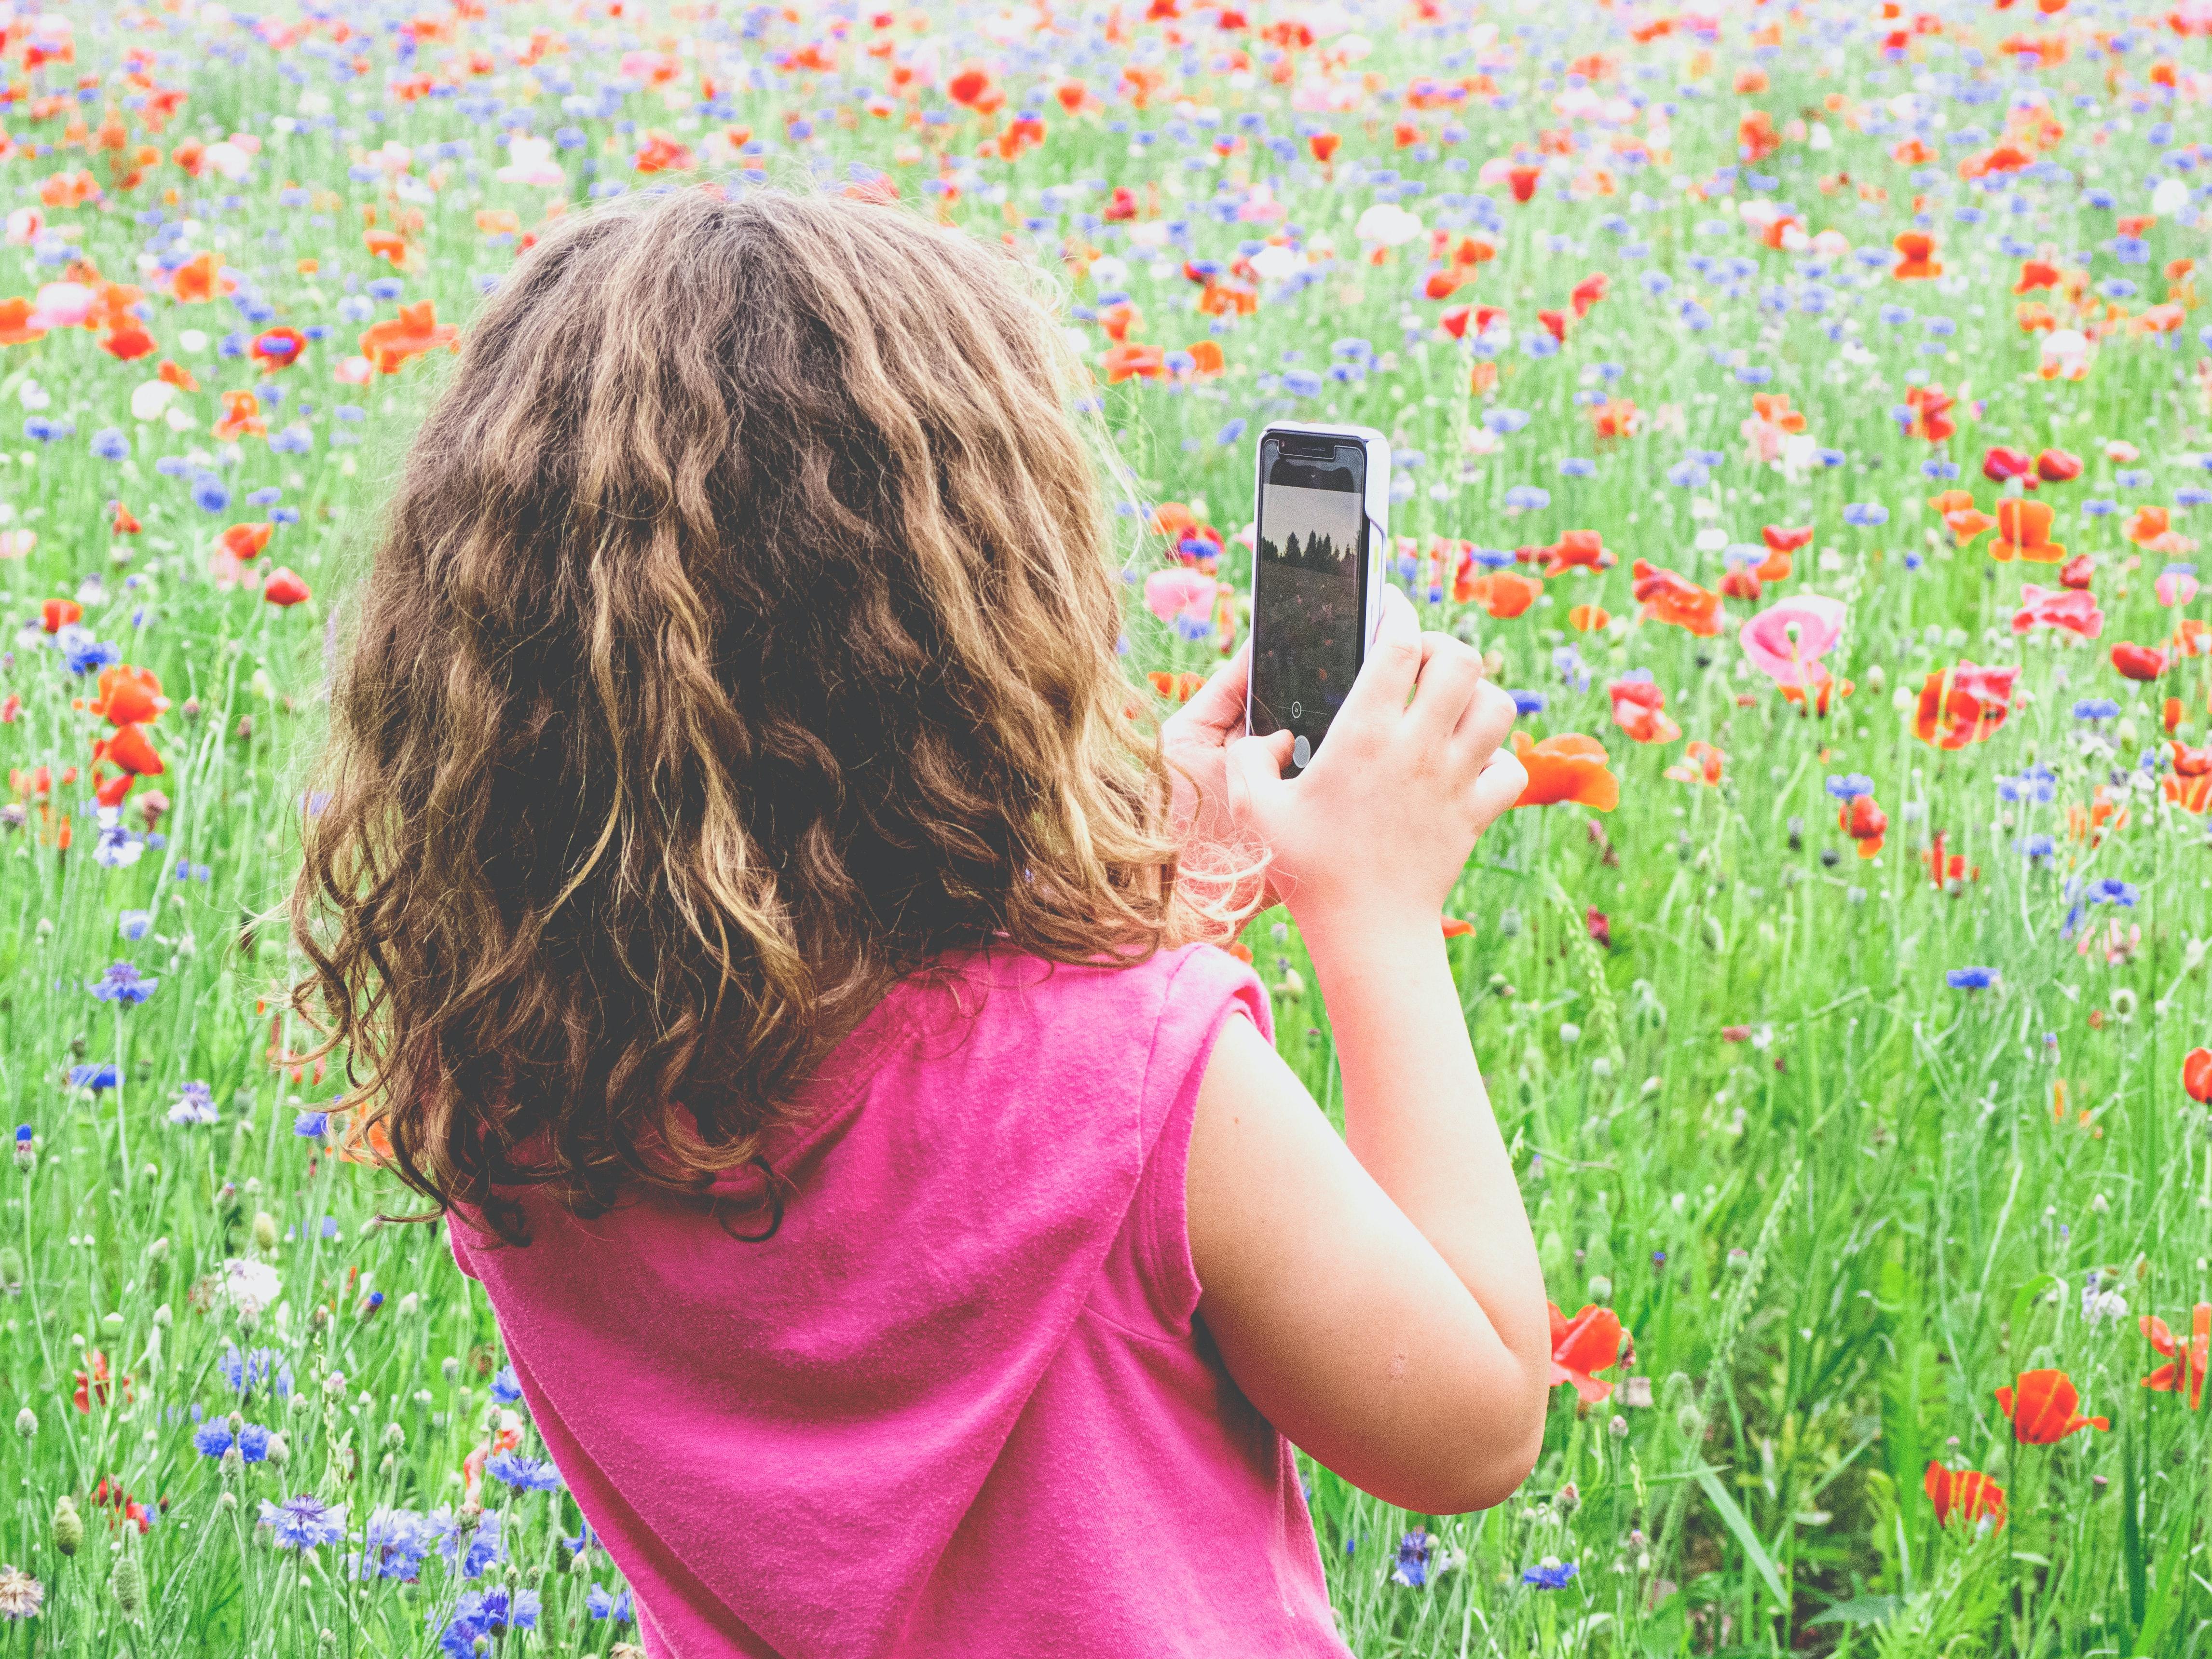 telefon komórkowy. telefon dla dziecka, komórka